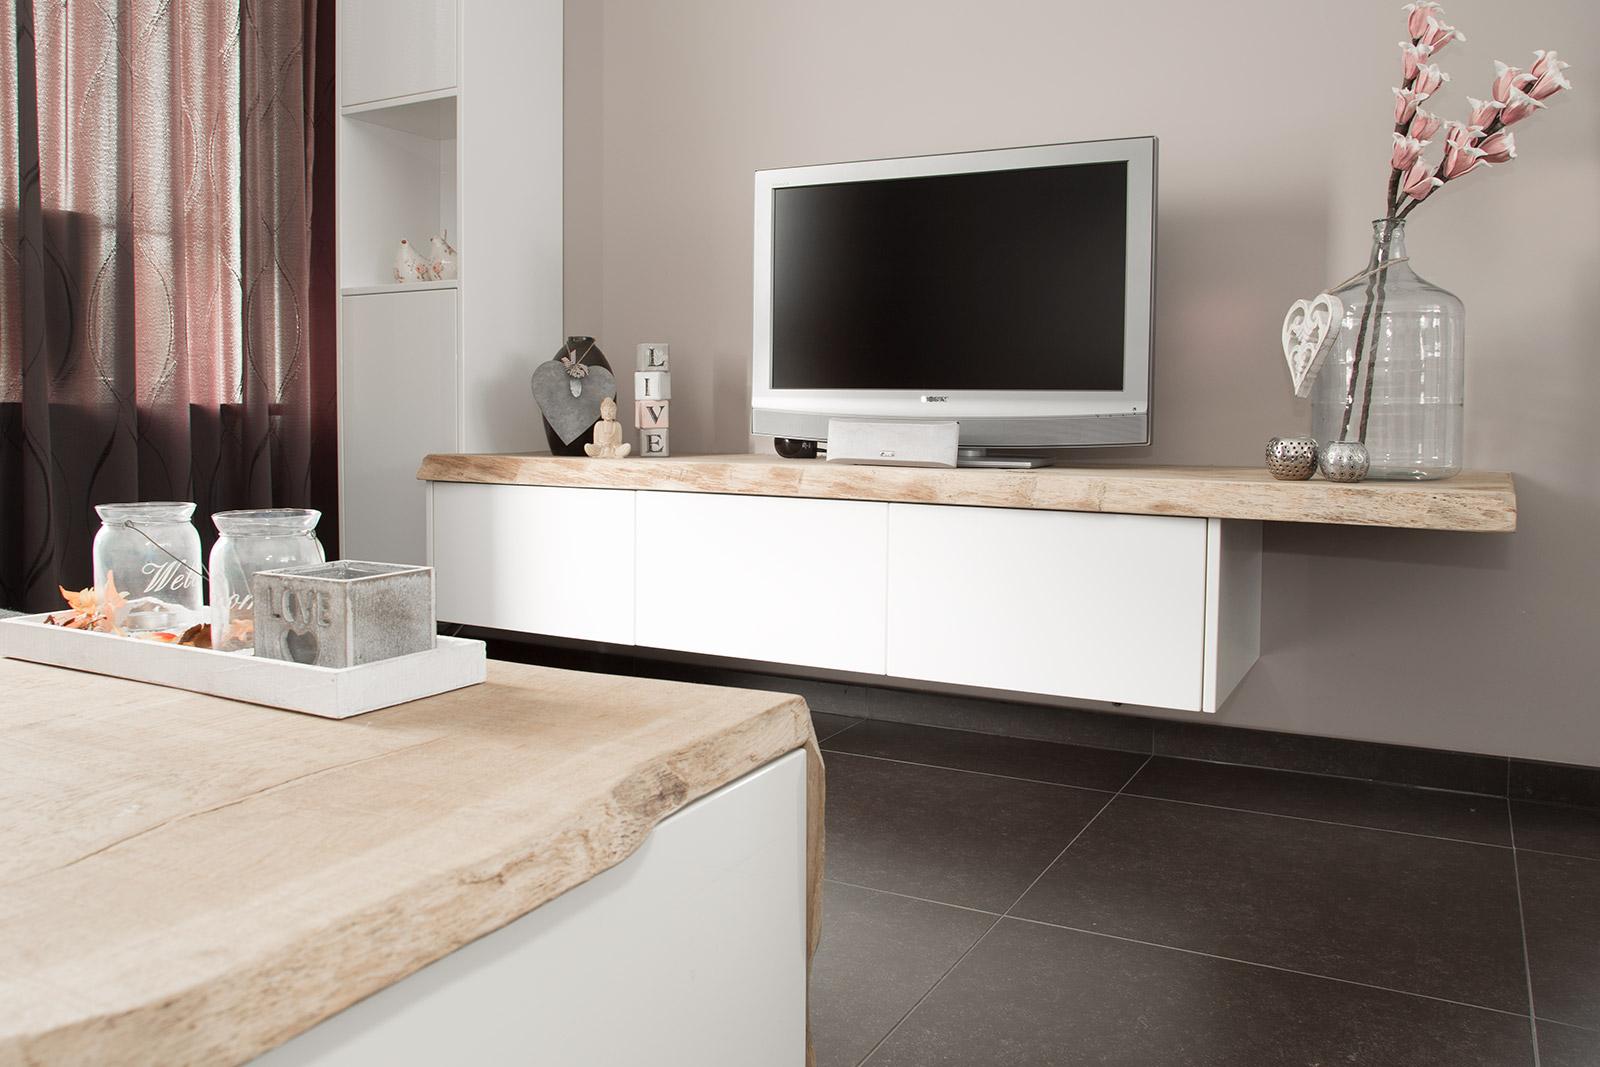 #79665222215392 Tv Meubel Met Verrijdbare Salontafel betrouwbaar Design Glazen Tv Meubels 1147 afbeelding opslaan 160010671147 Idee